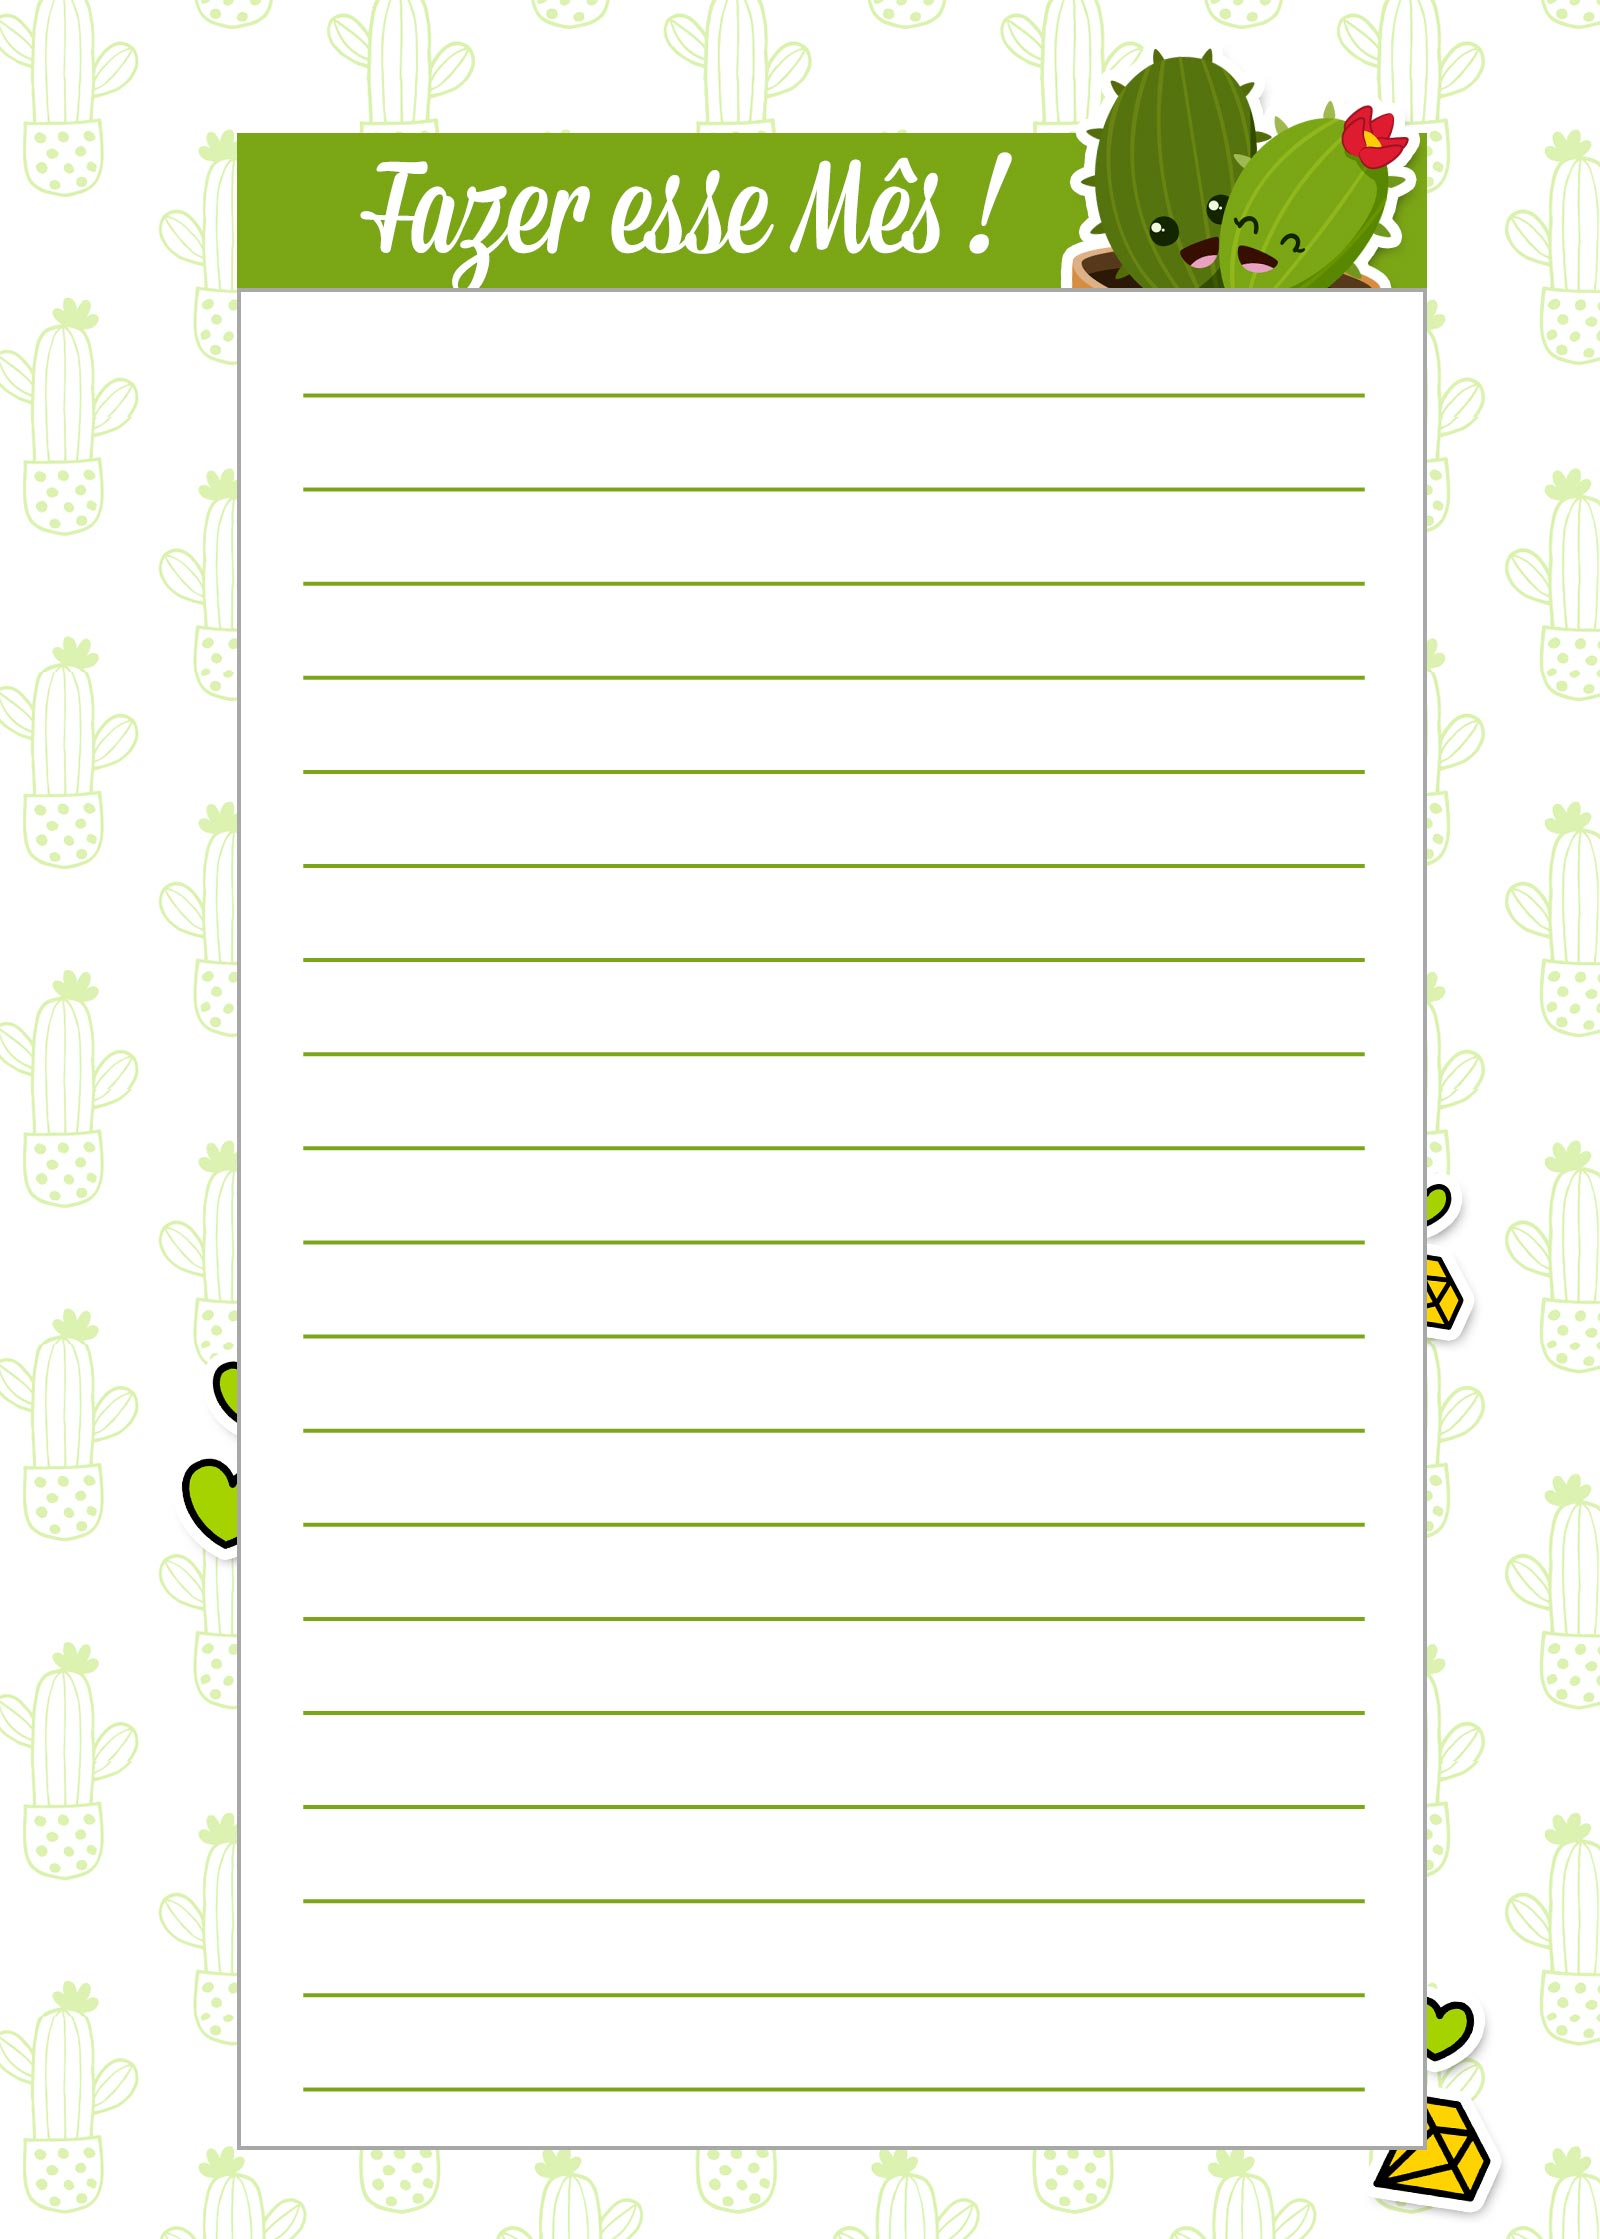 Caderno de Planejamento para Professores Fazes esse Mes Cactos